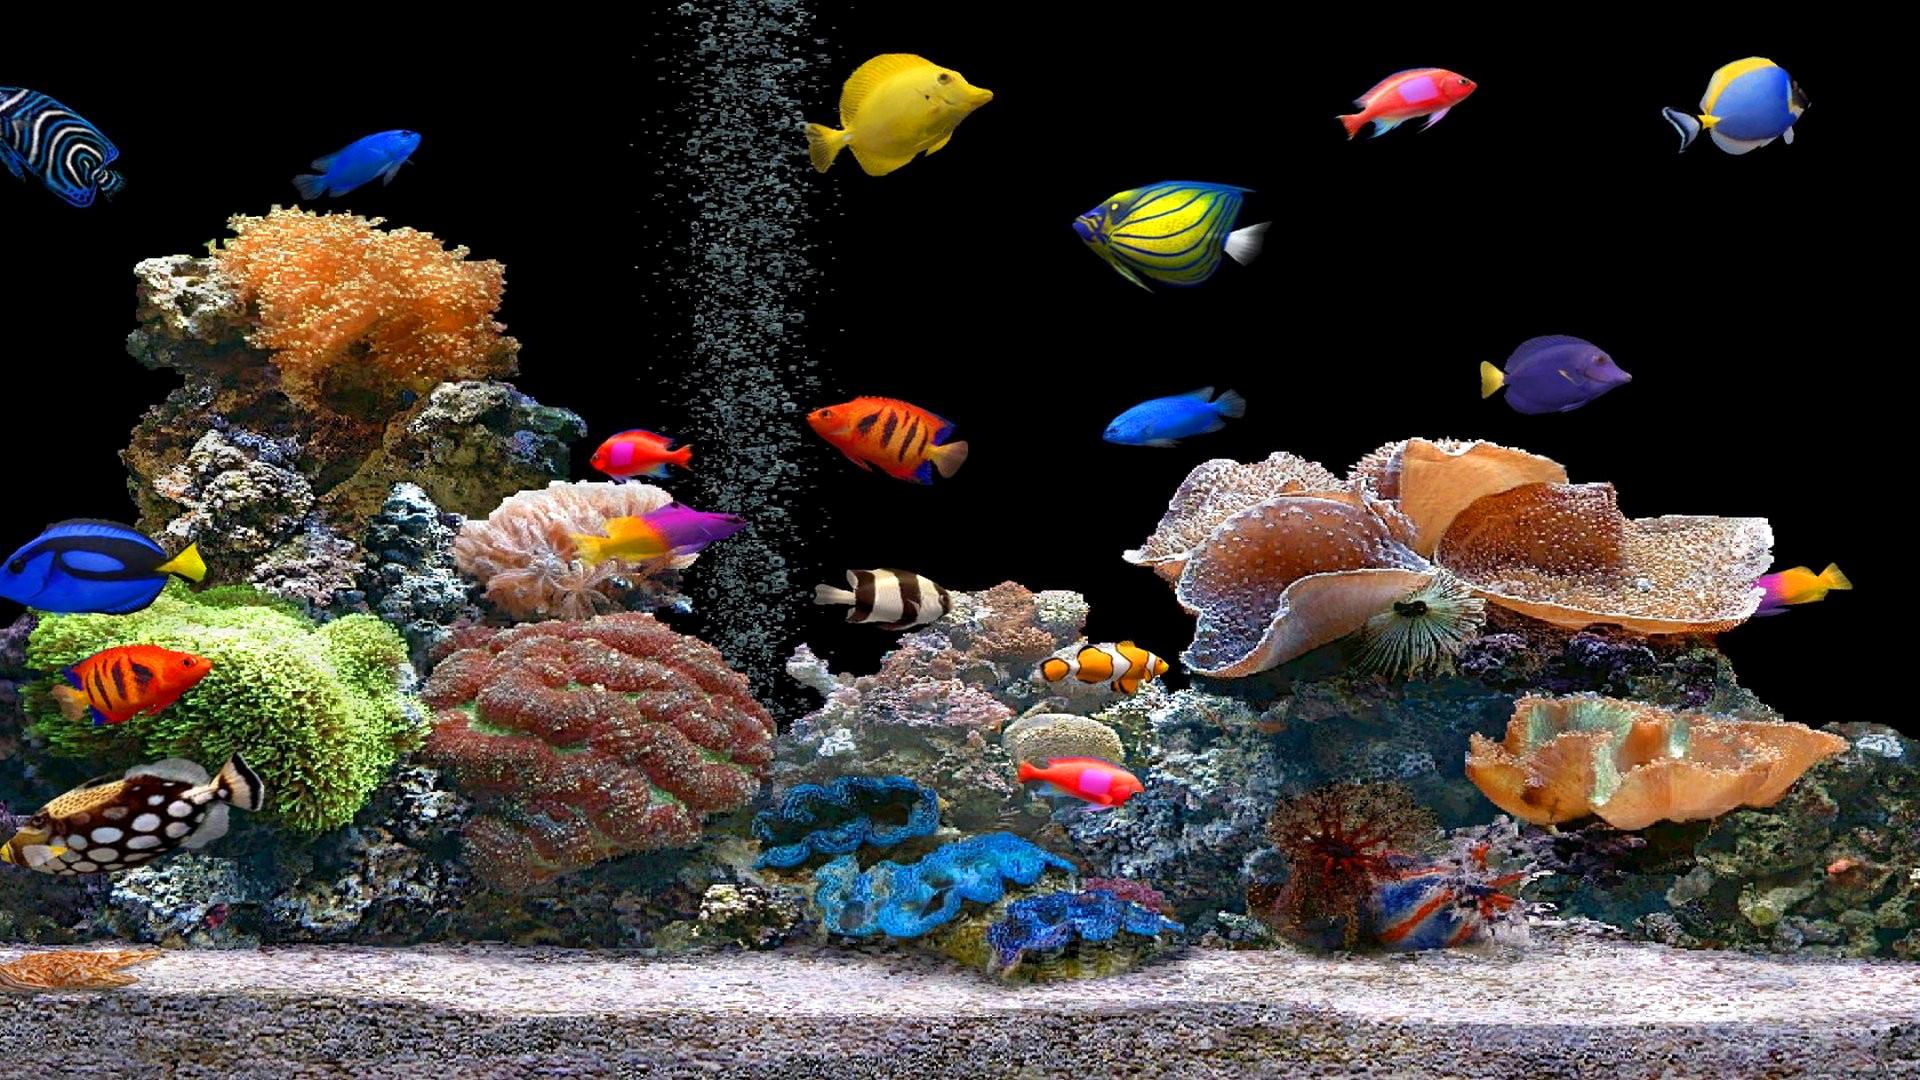 обои на рабочий стол анимация аквариум так вот, девятилетний